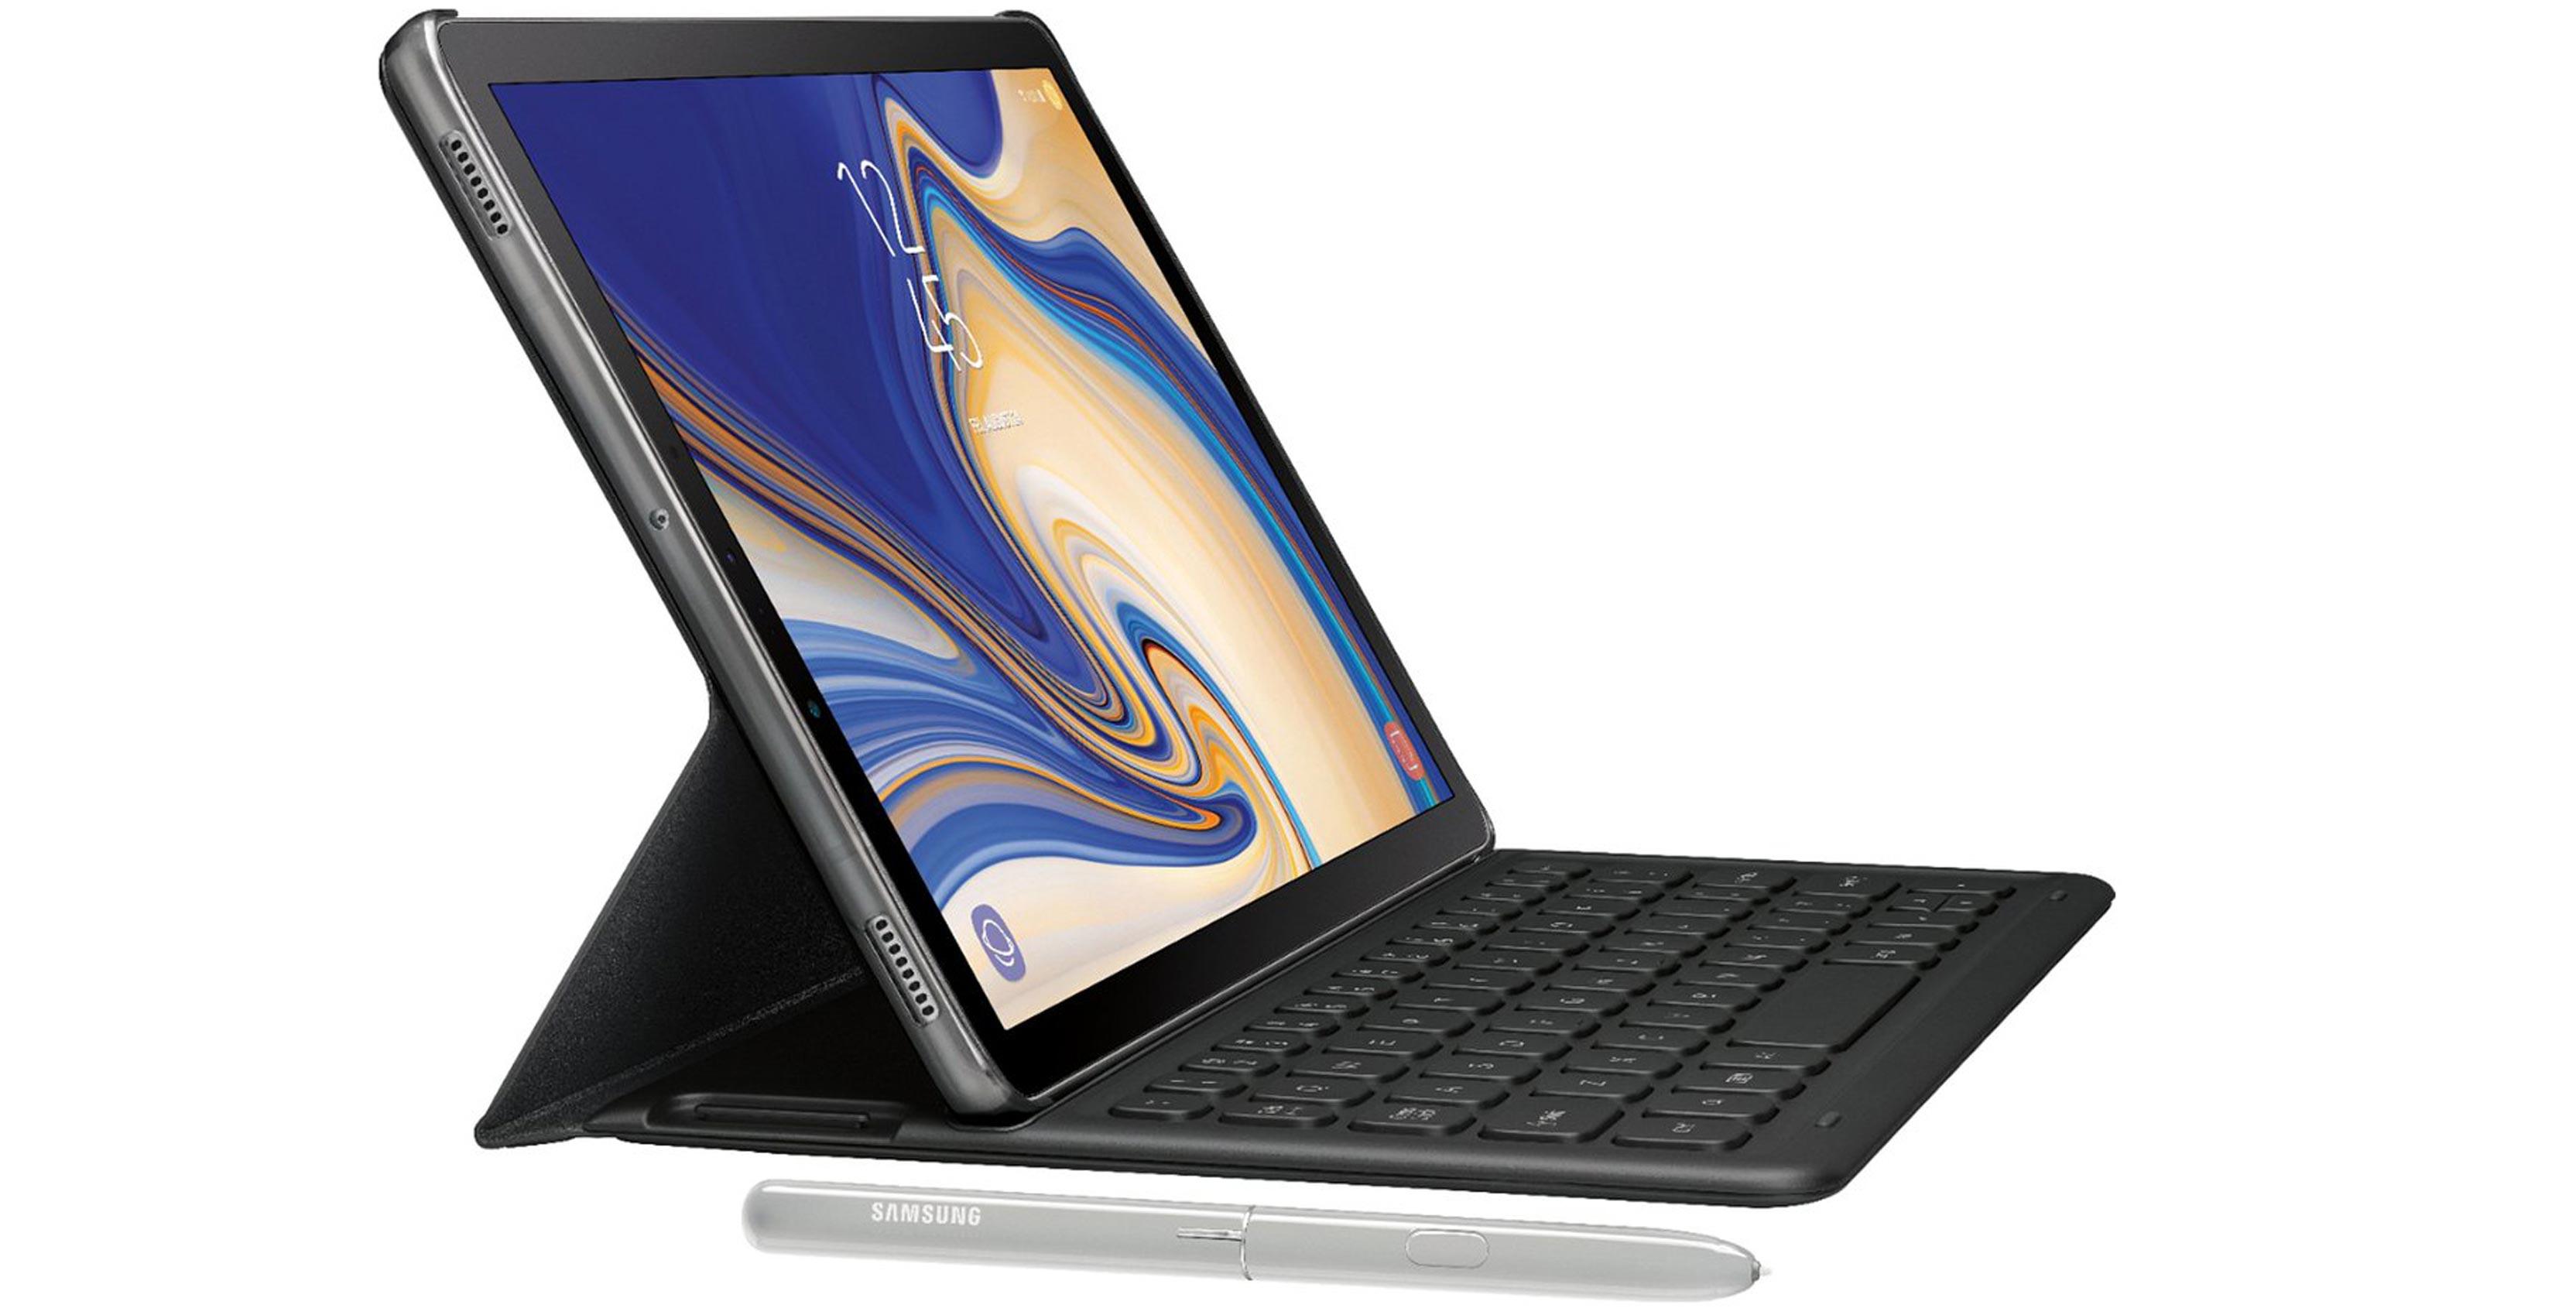 Samsung's upcoming Galaxy Tab S4